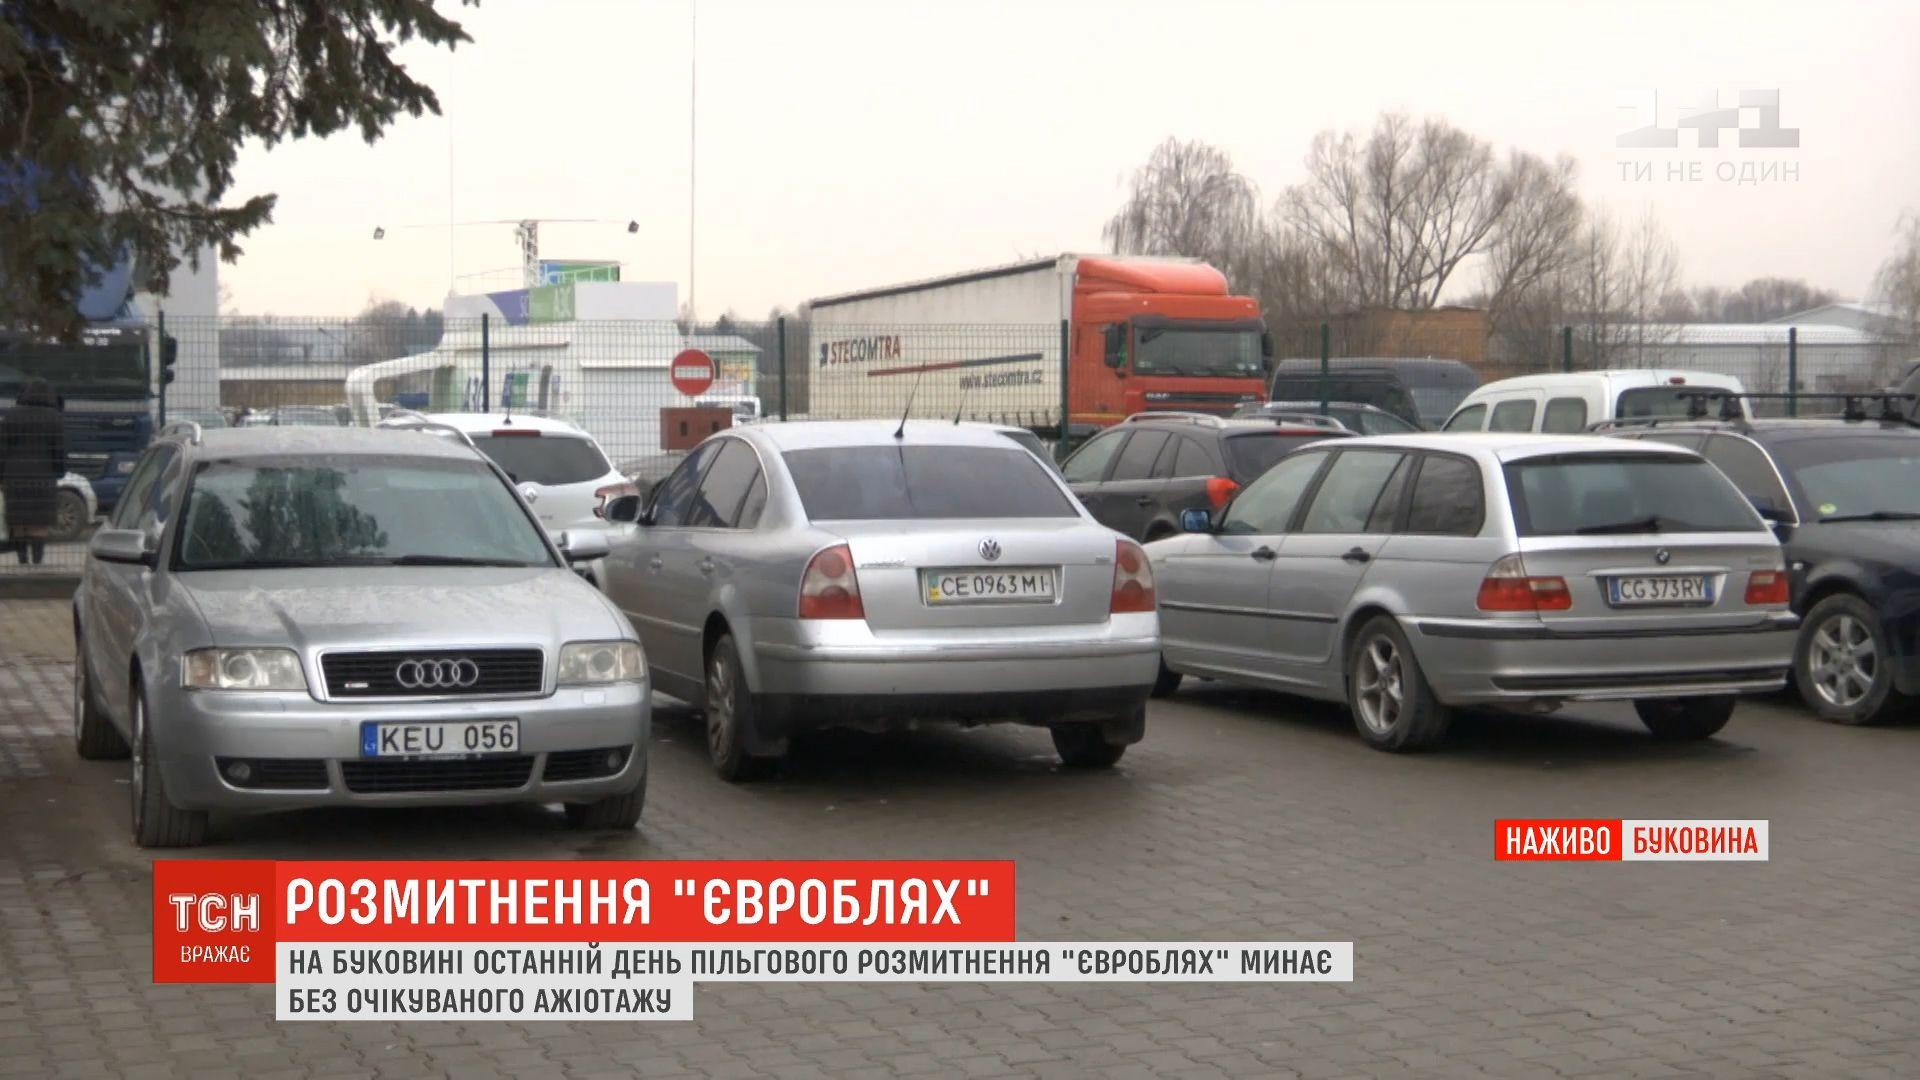 Украинцы растаможили свыше 218 тыс. «евробях»— Льготный период завершился